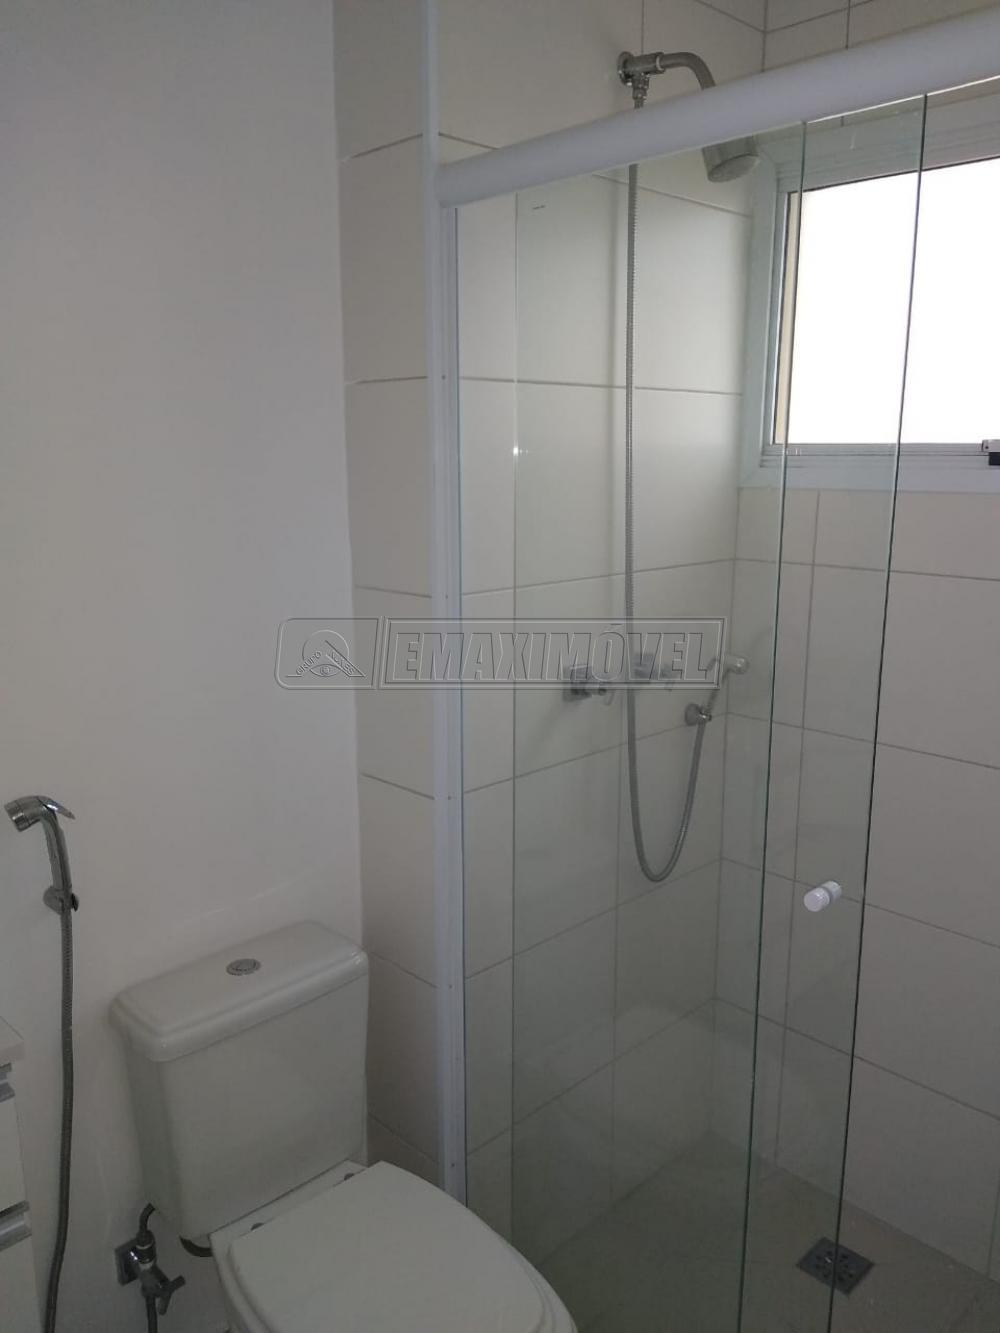 Comprar Apartamentos / Apto Padrão em Sorocaba apenas R$ 490.000,00 - Foto 11